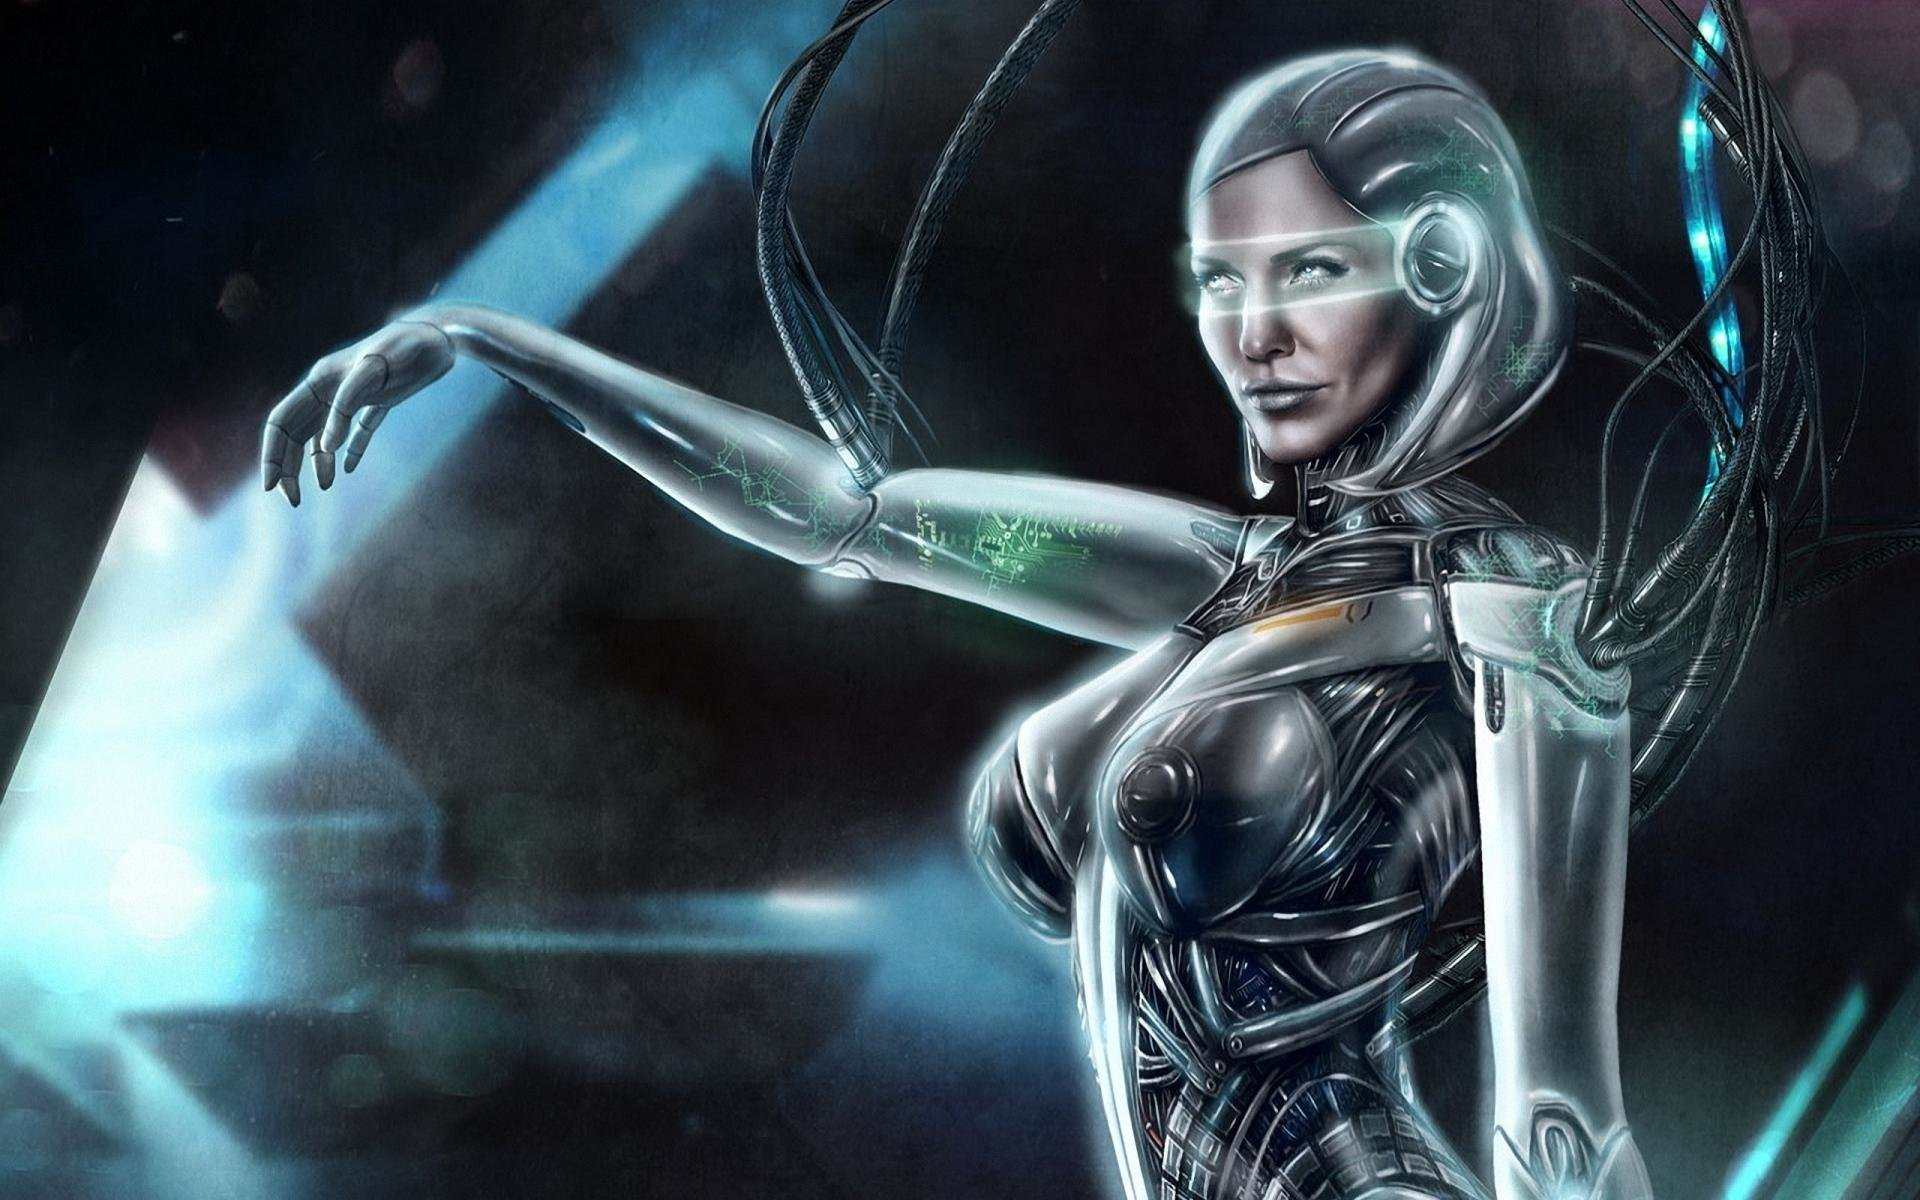 EDI (Mass Effect) wallpapers HD for desktop backgrounds